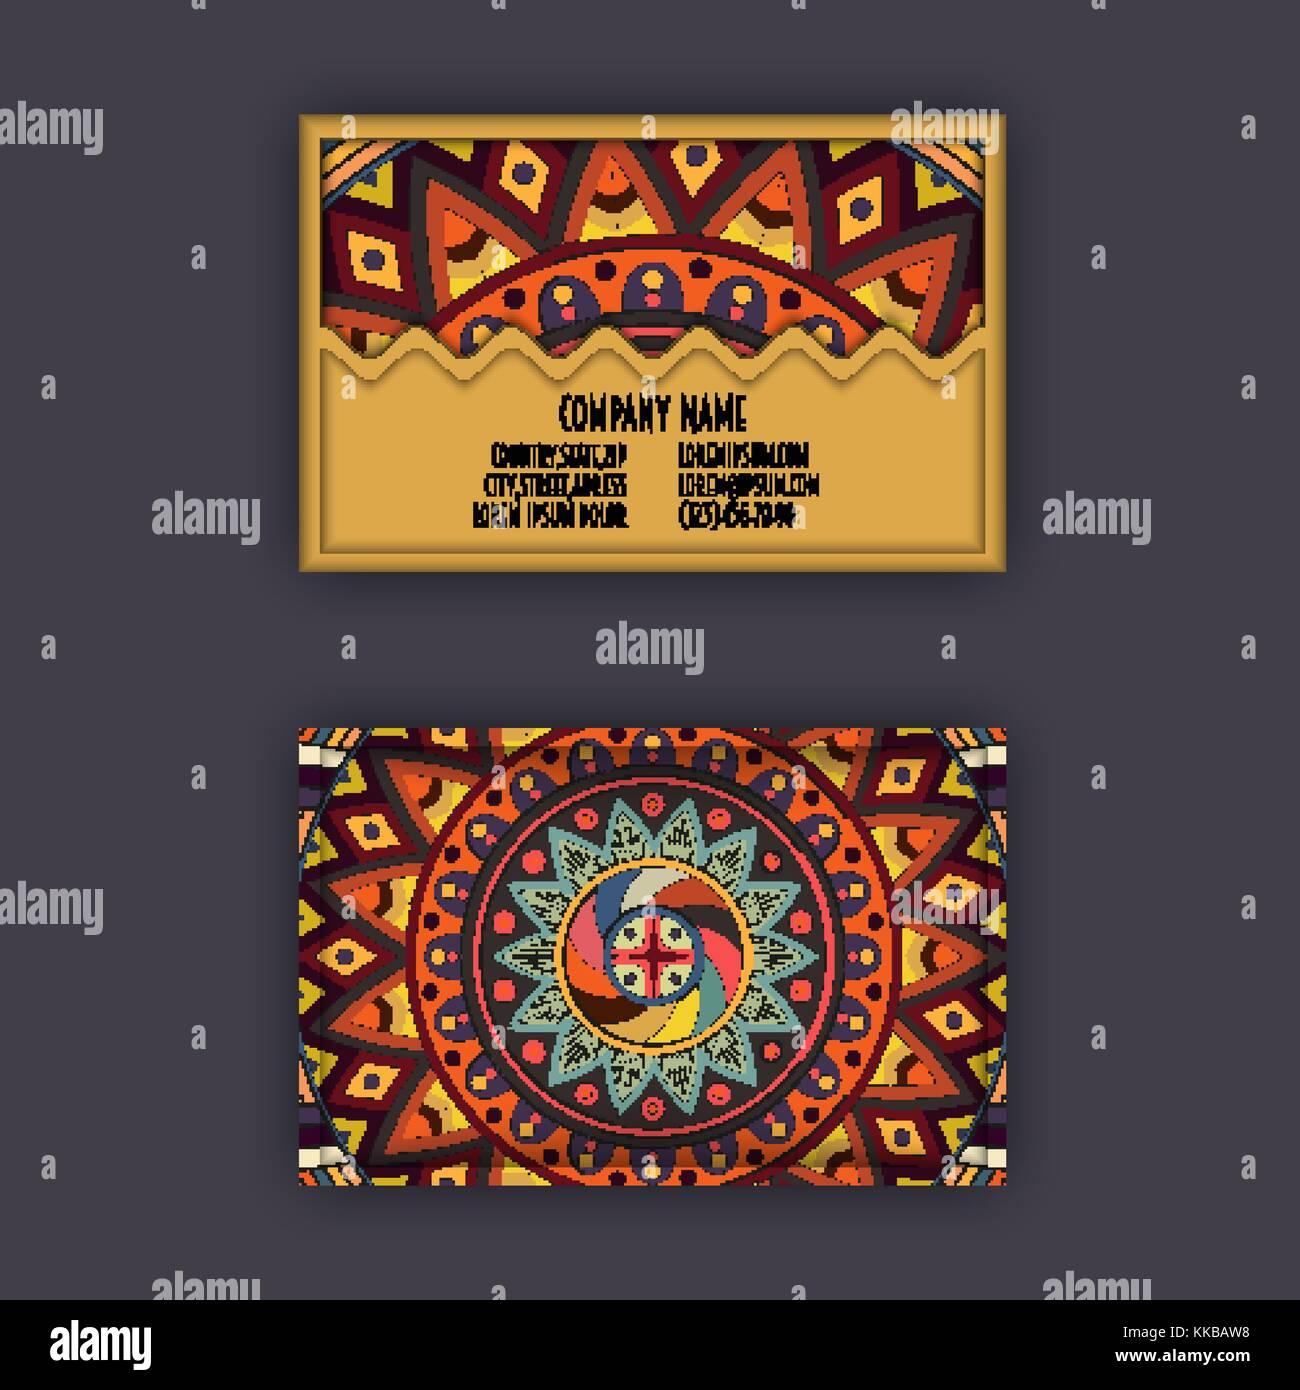 Carte De Visite Vintage Vector Set Motif Floral Mandala Et Ornements La Conception Orientale Mise En Page Lislam Arabe Indienne